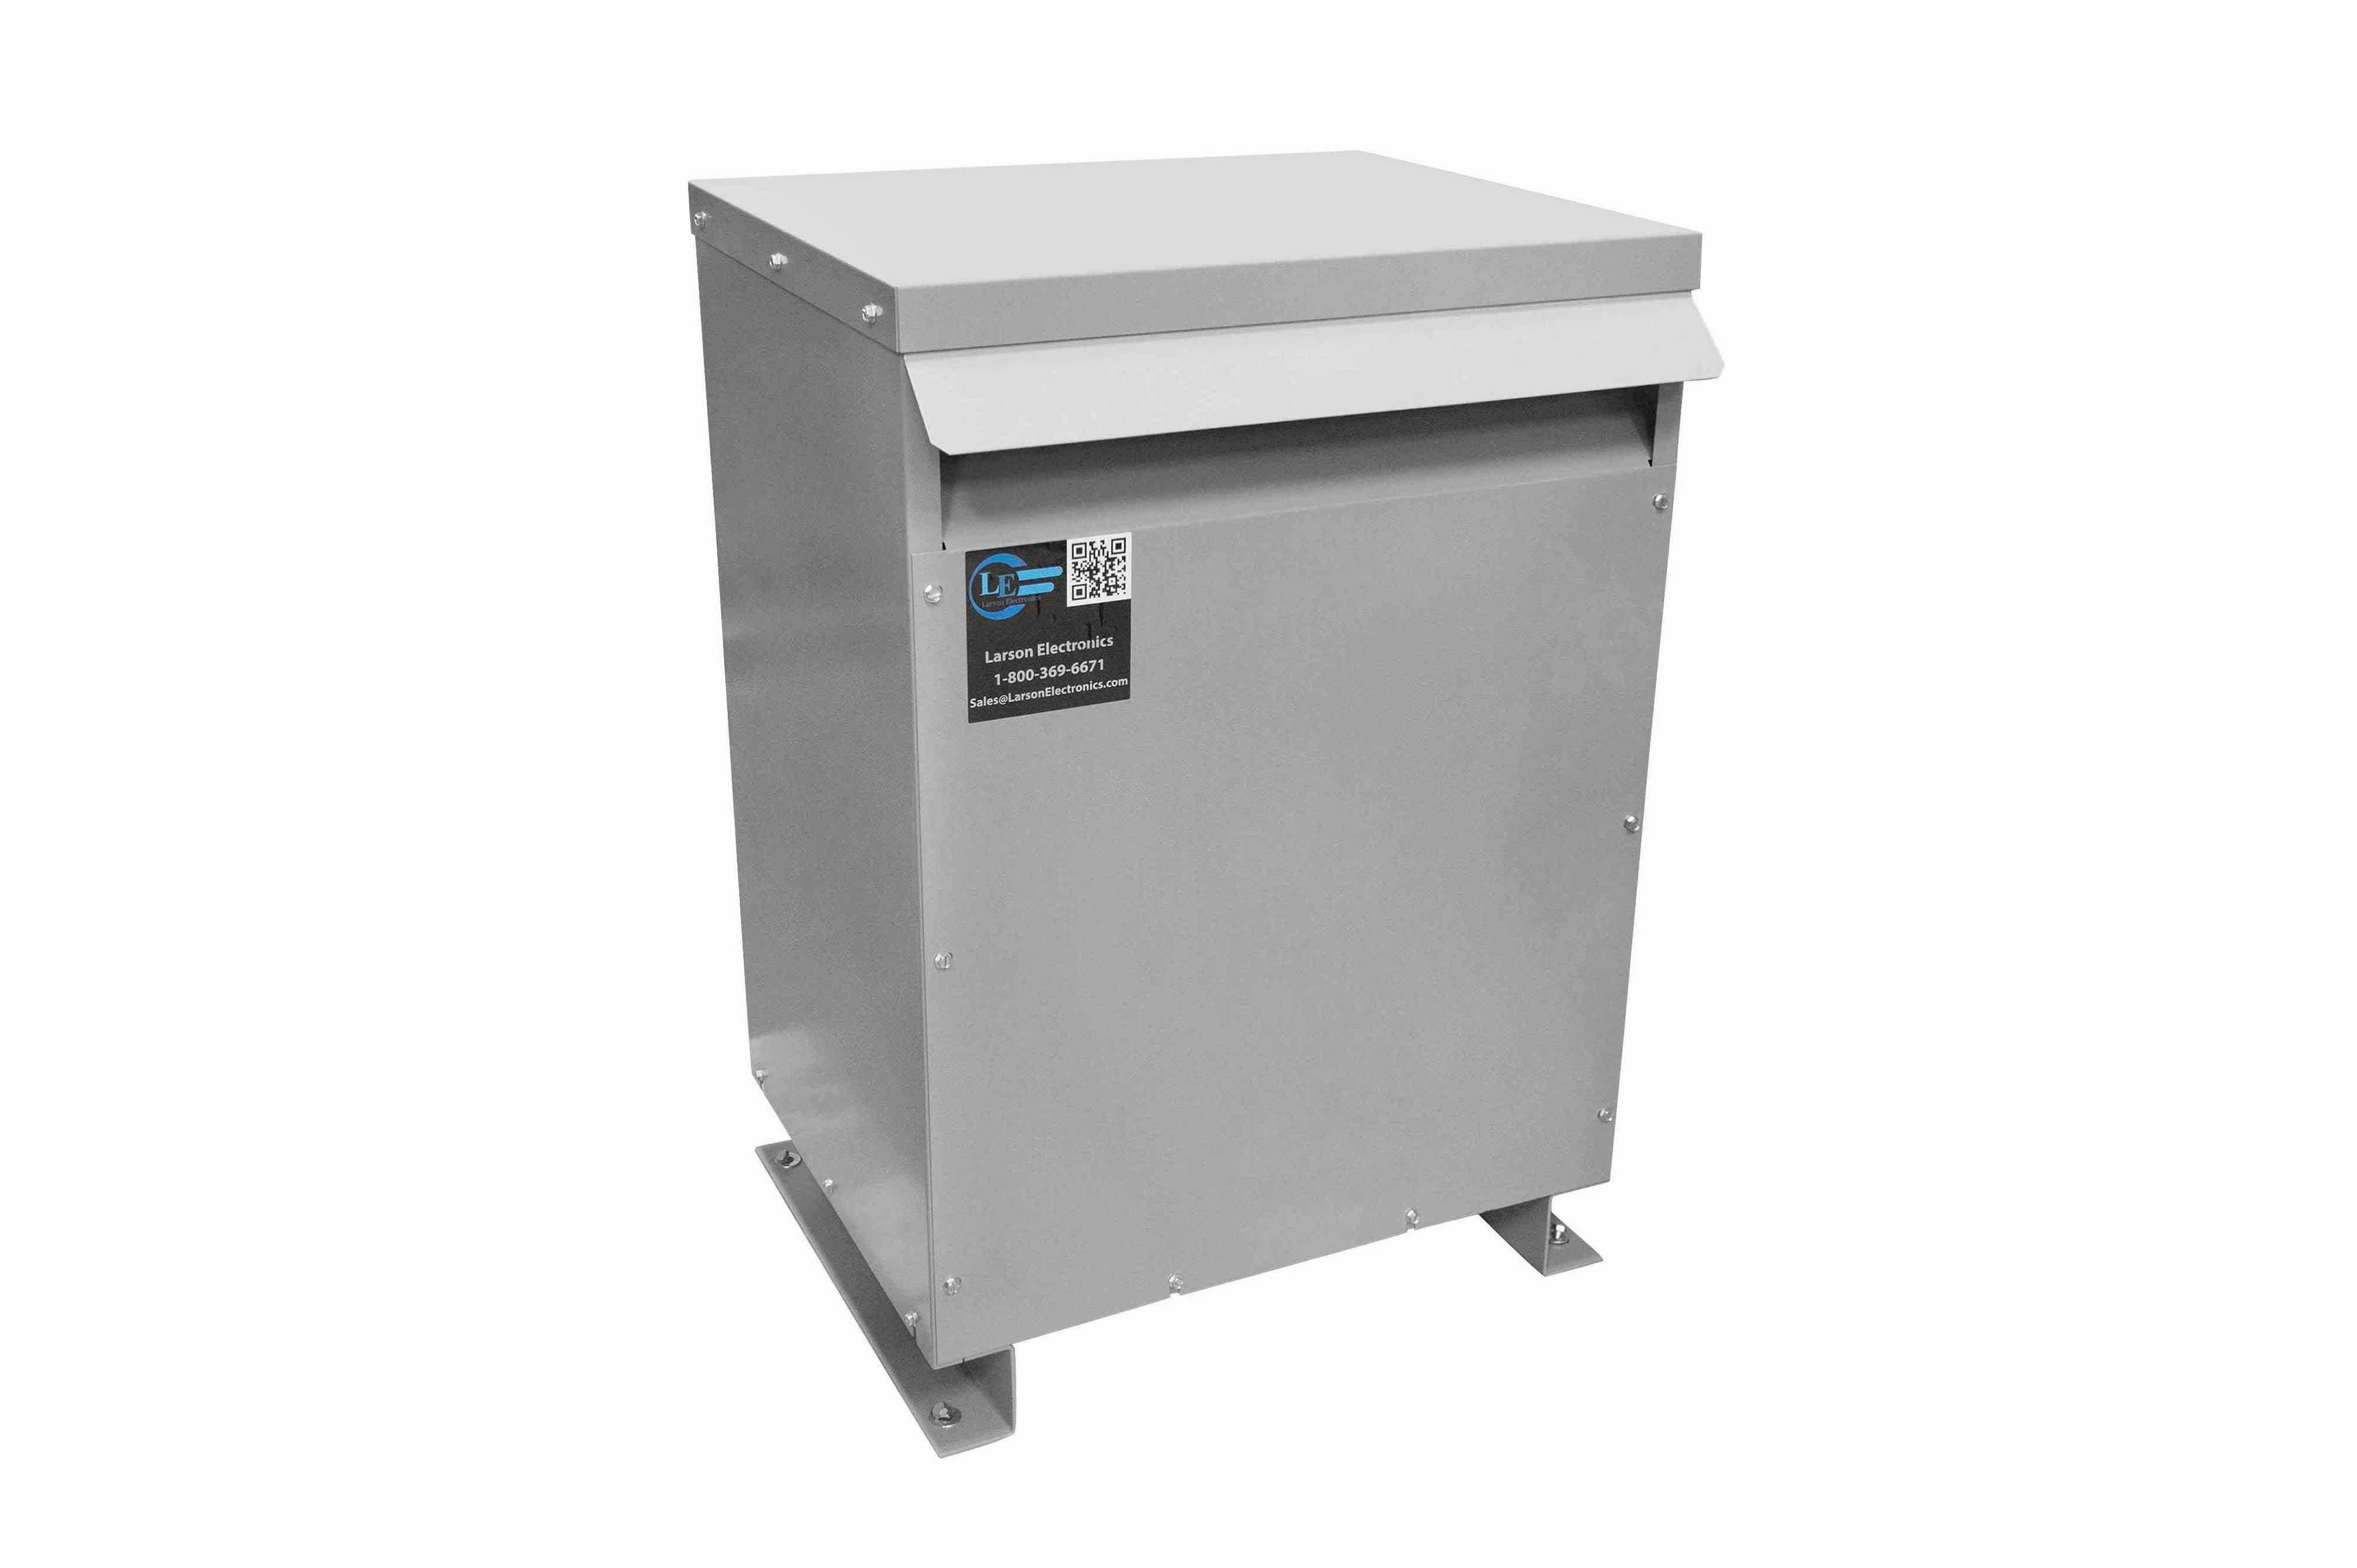 250 kVA 3PH DOE Transformer, 440V Delta Primary, 240V/120 Delta Secondary, N3R, Ventilated, 60 Hz